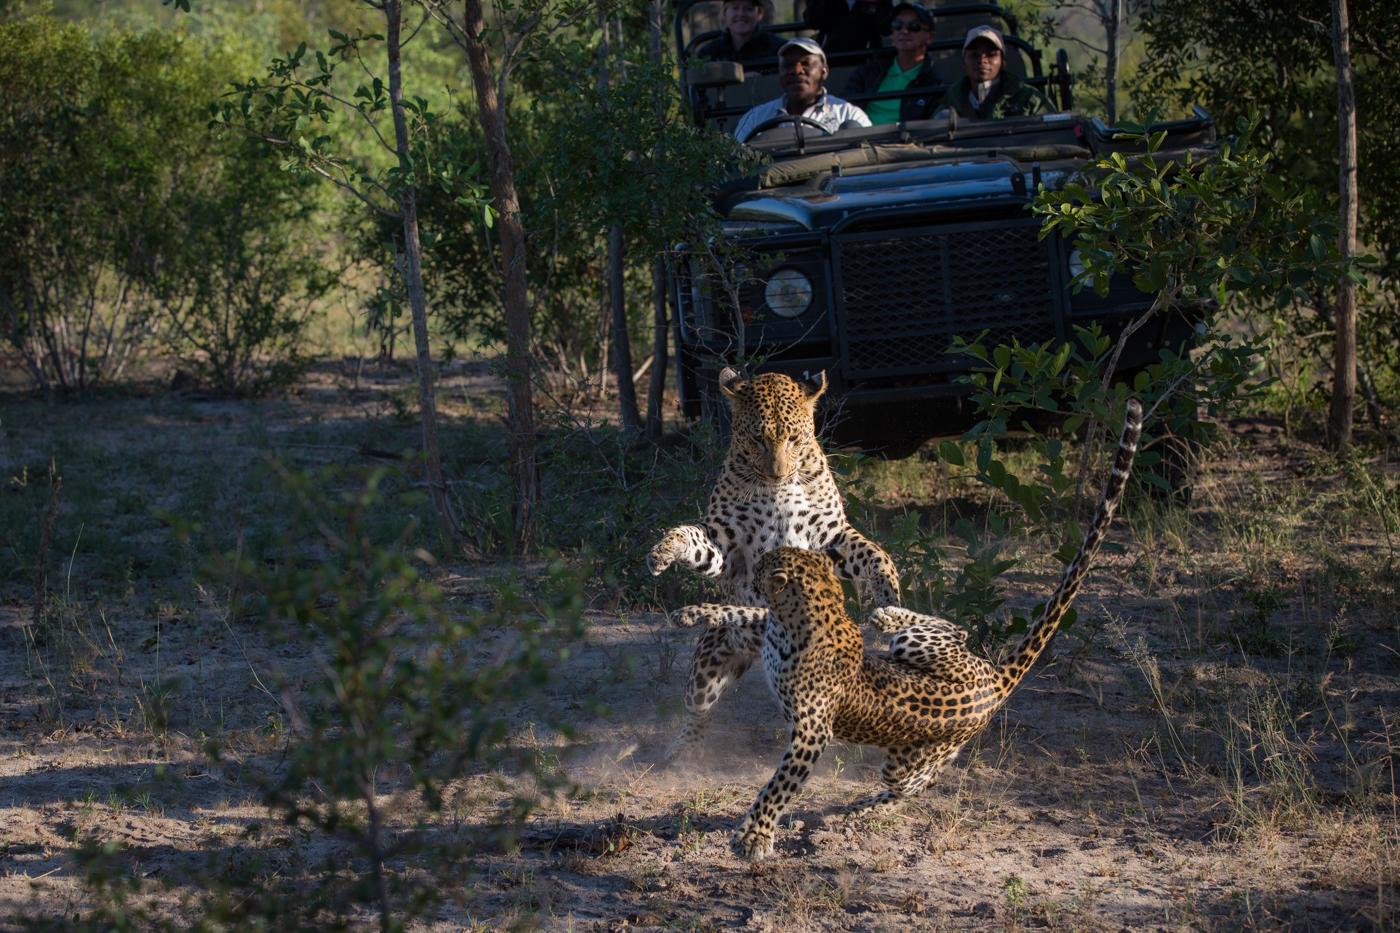 Mashaba Leap Cub Vehicle